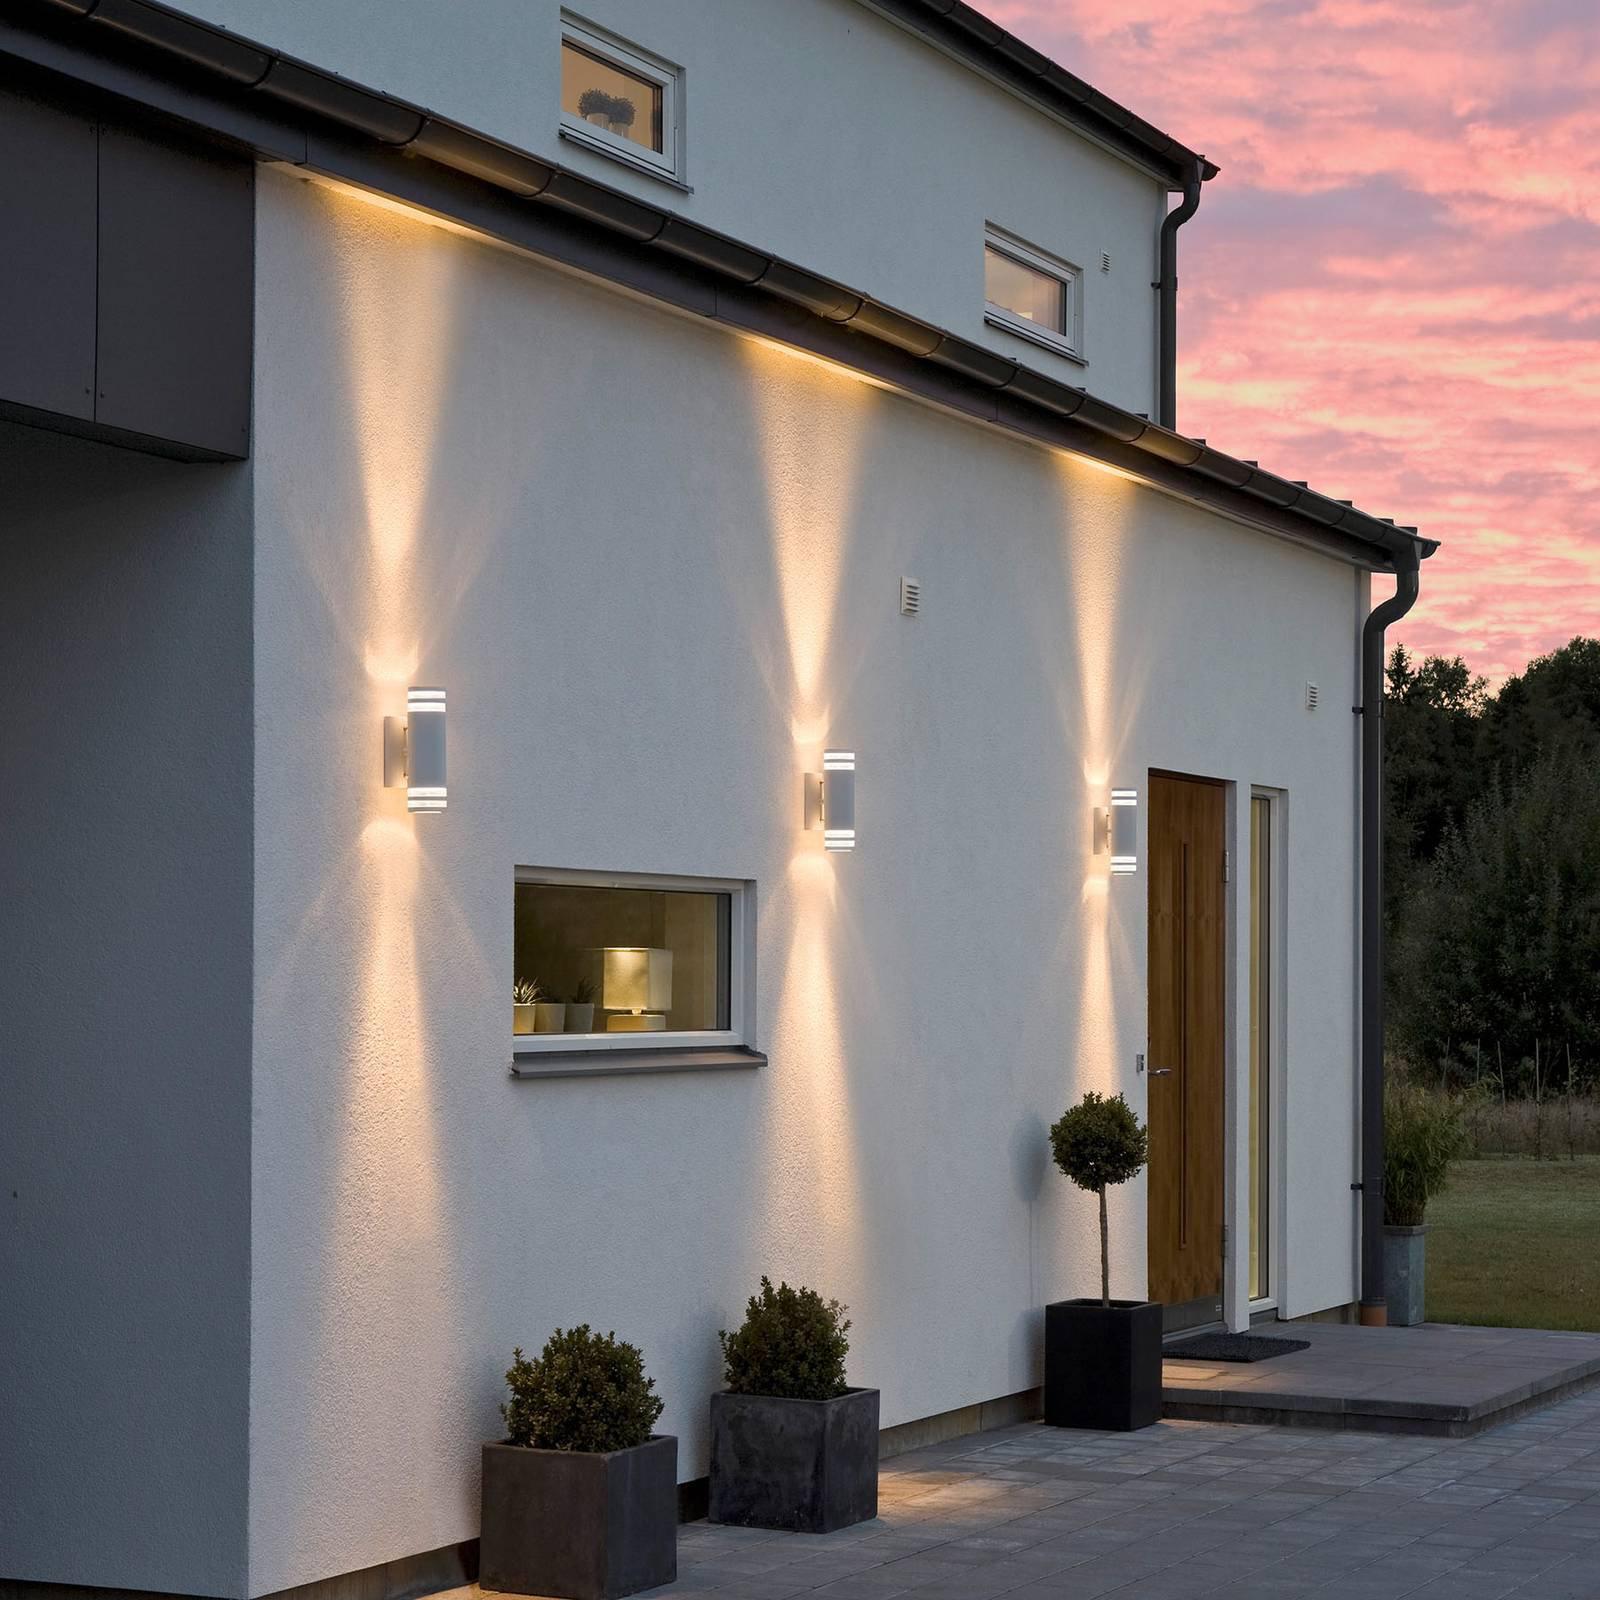 Modena utendørs vegglampe, 2 lyskilder, hvit